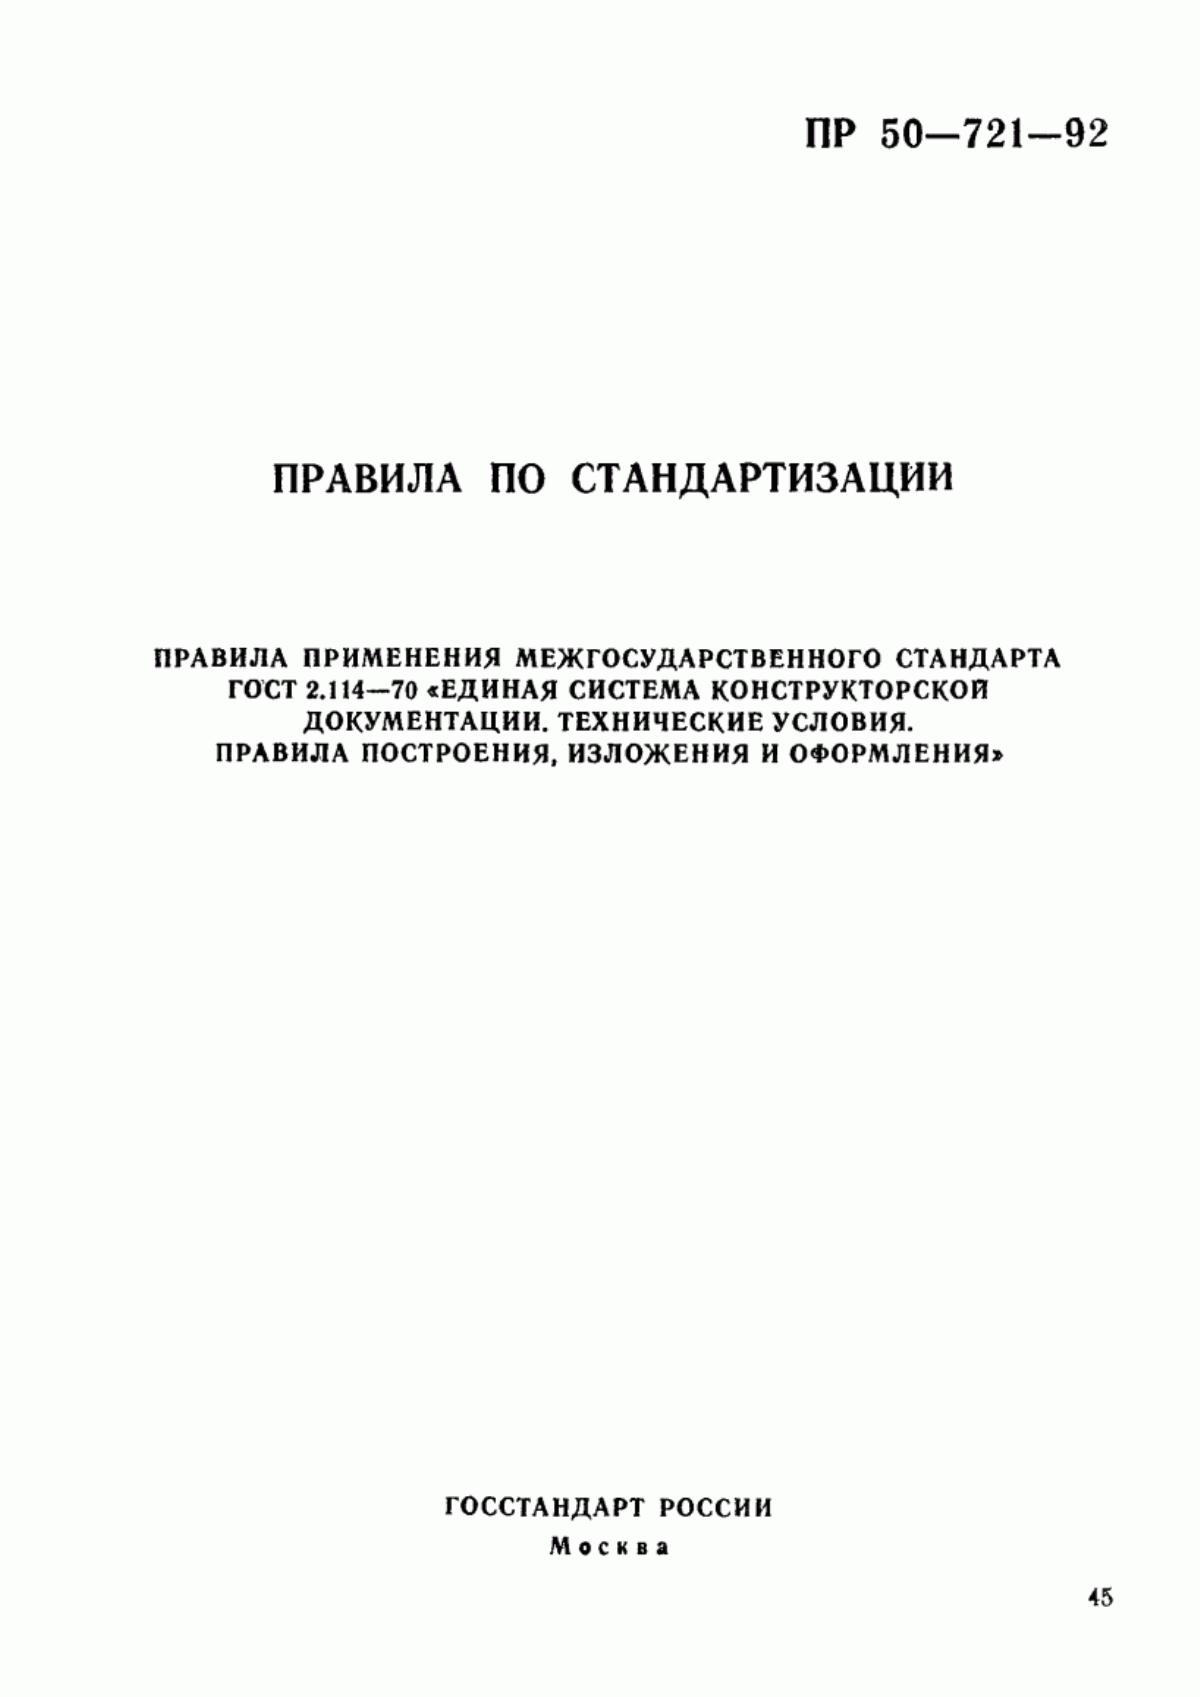 Гост 2.111-68 ескд. нормоконтроль